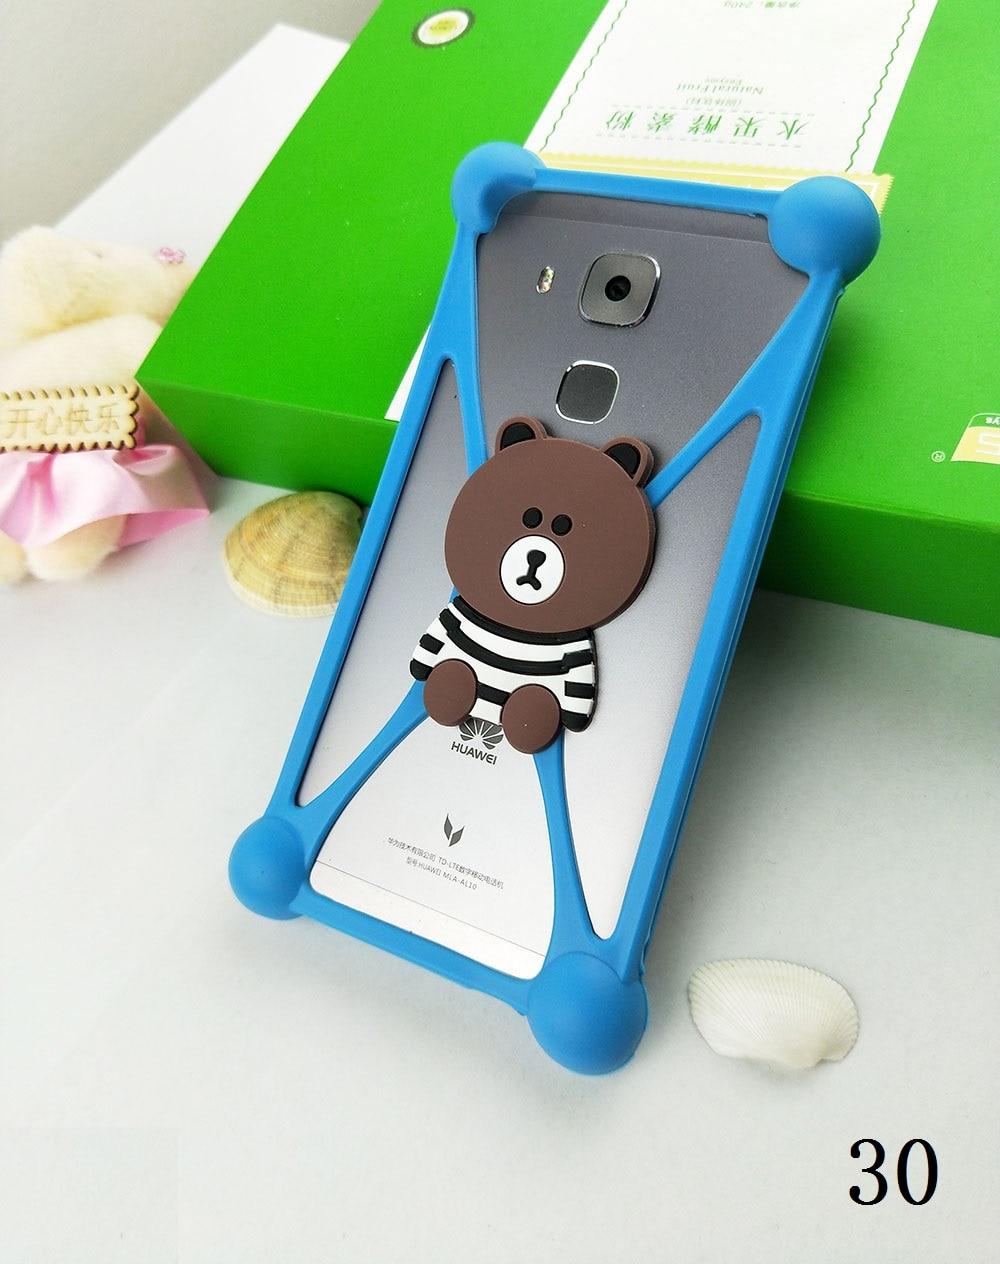 Cover Case For LG V20 G5 G4 G3 /K10 /V10 /G Flex 2 /G Stylo Soft Silicone Case for Blackview E7 Mobile Phon